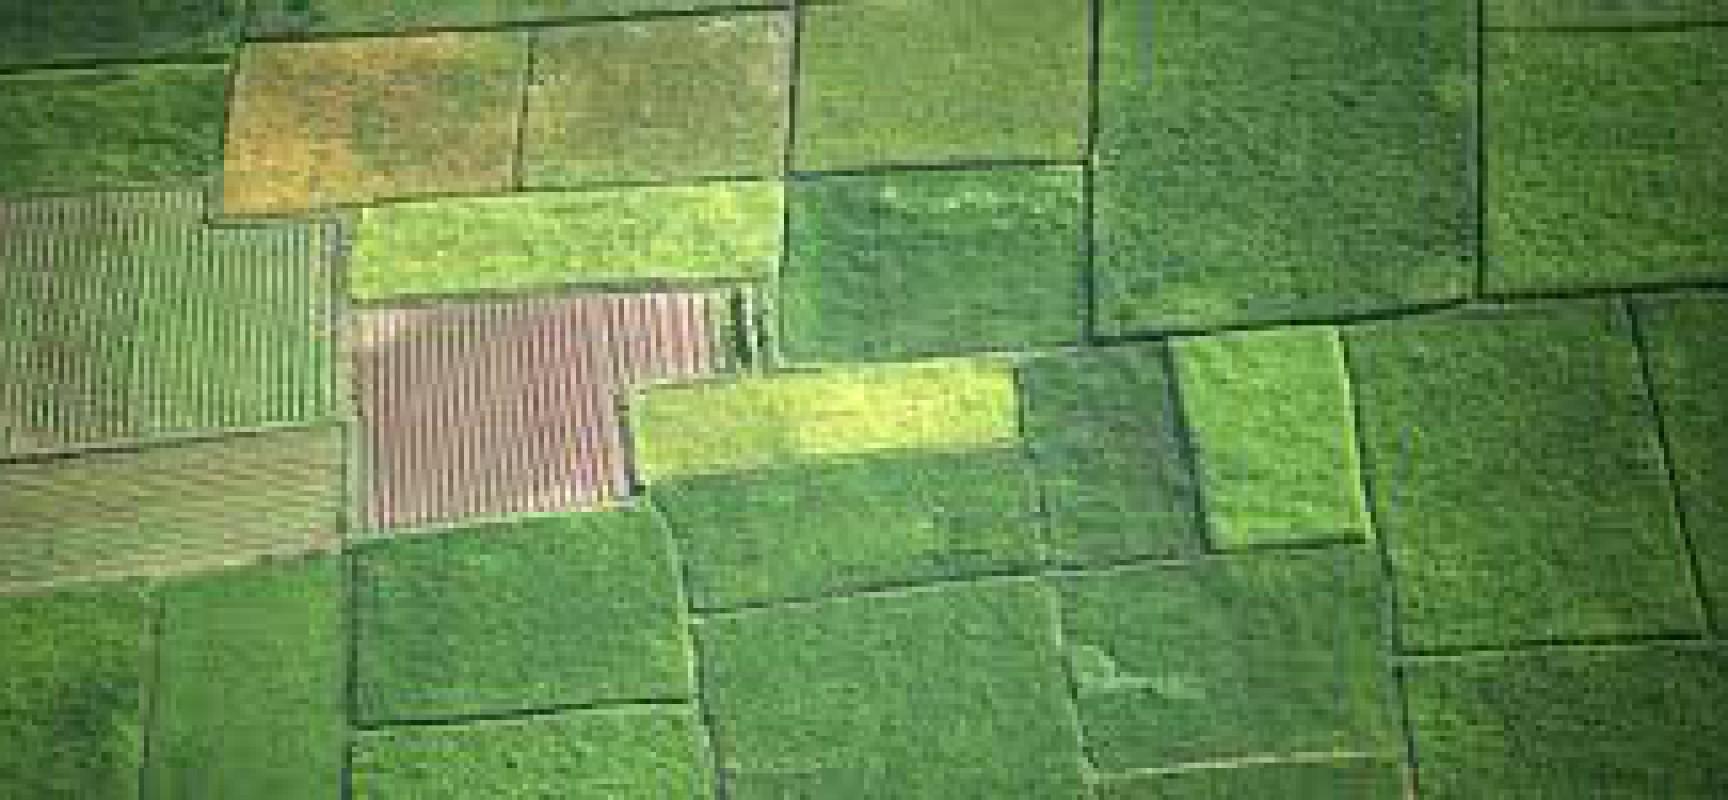 Δημόσια φανερή επαναληπτική πλειοδοτική δημοπρασία για την εκμίσθωση δημοτικών  αγροτεμαχίων